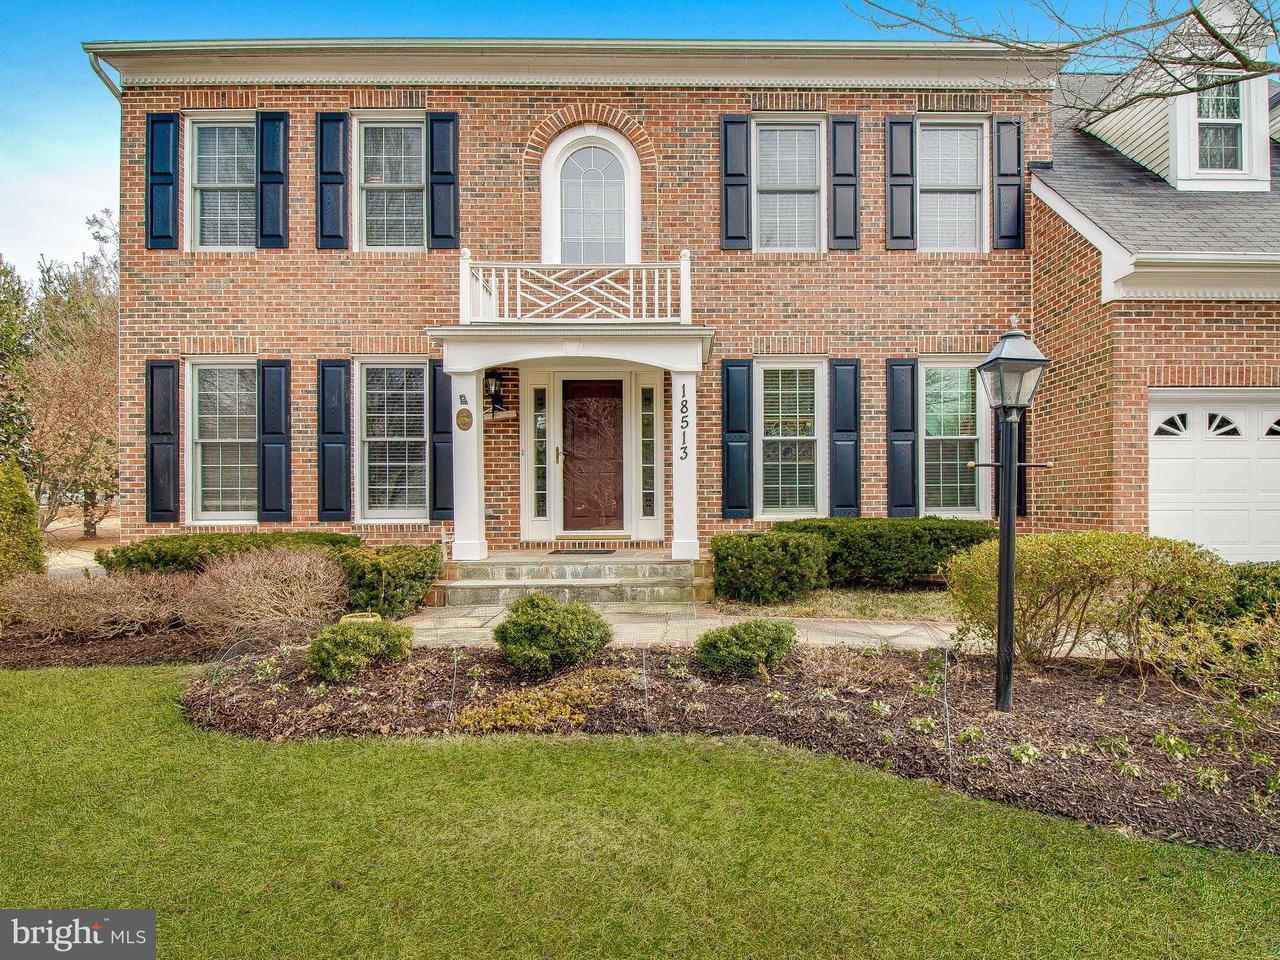 Частный односемейный дом для того Продажа на 18513 Denhigh Circle 18513 Denhigh Circle Olney, Мэриленд 20832 Соединенные Штаты